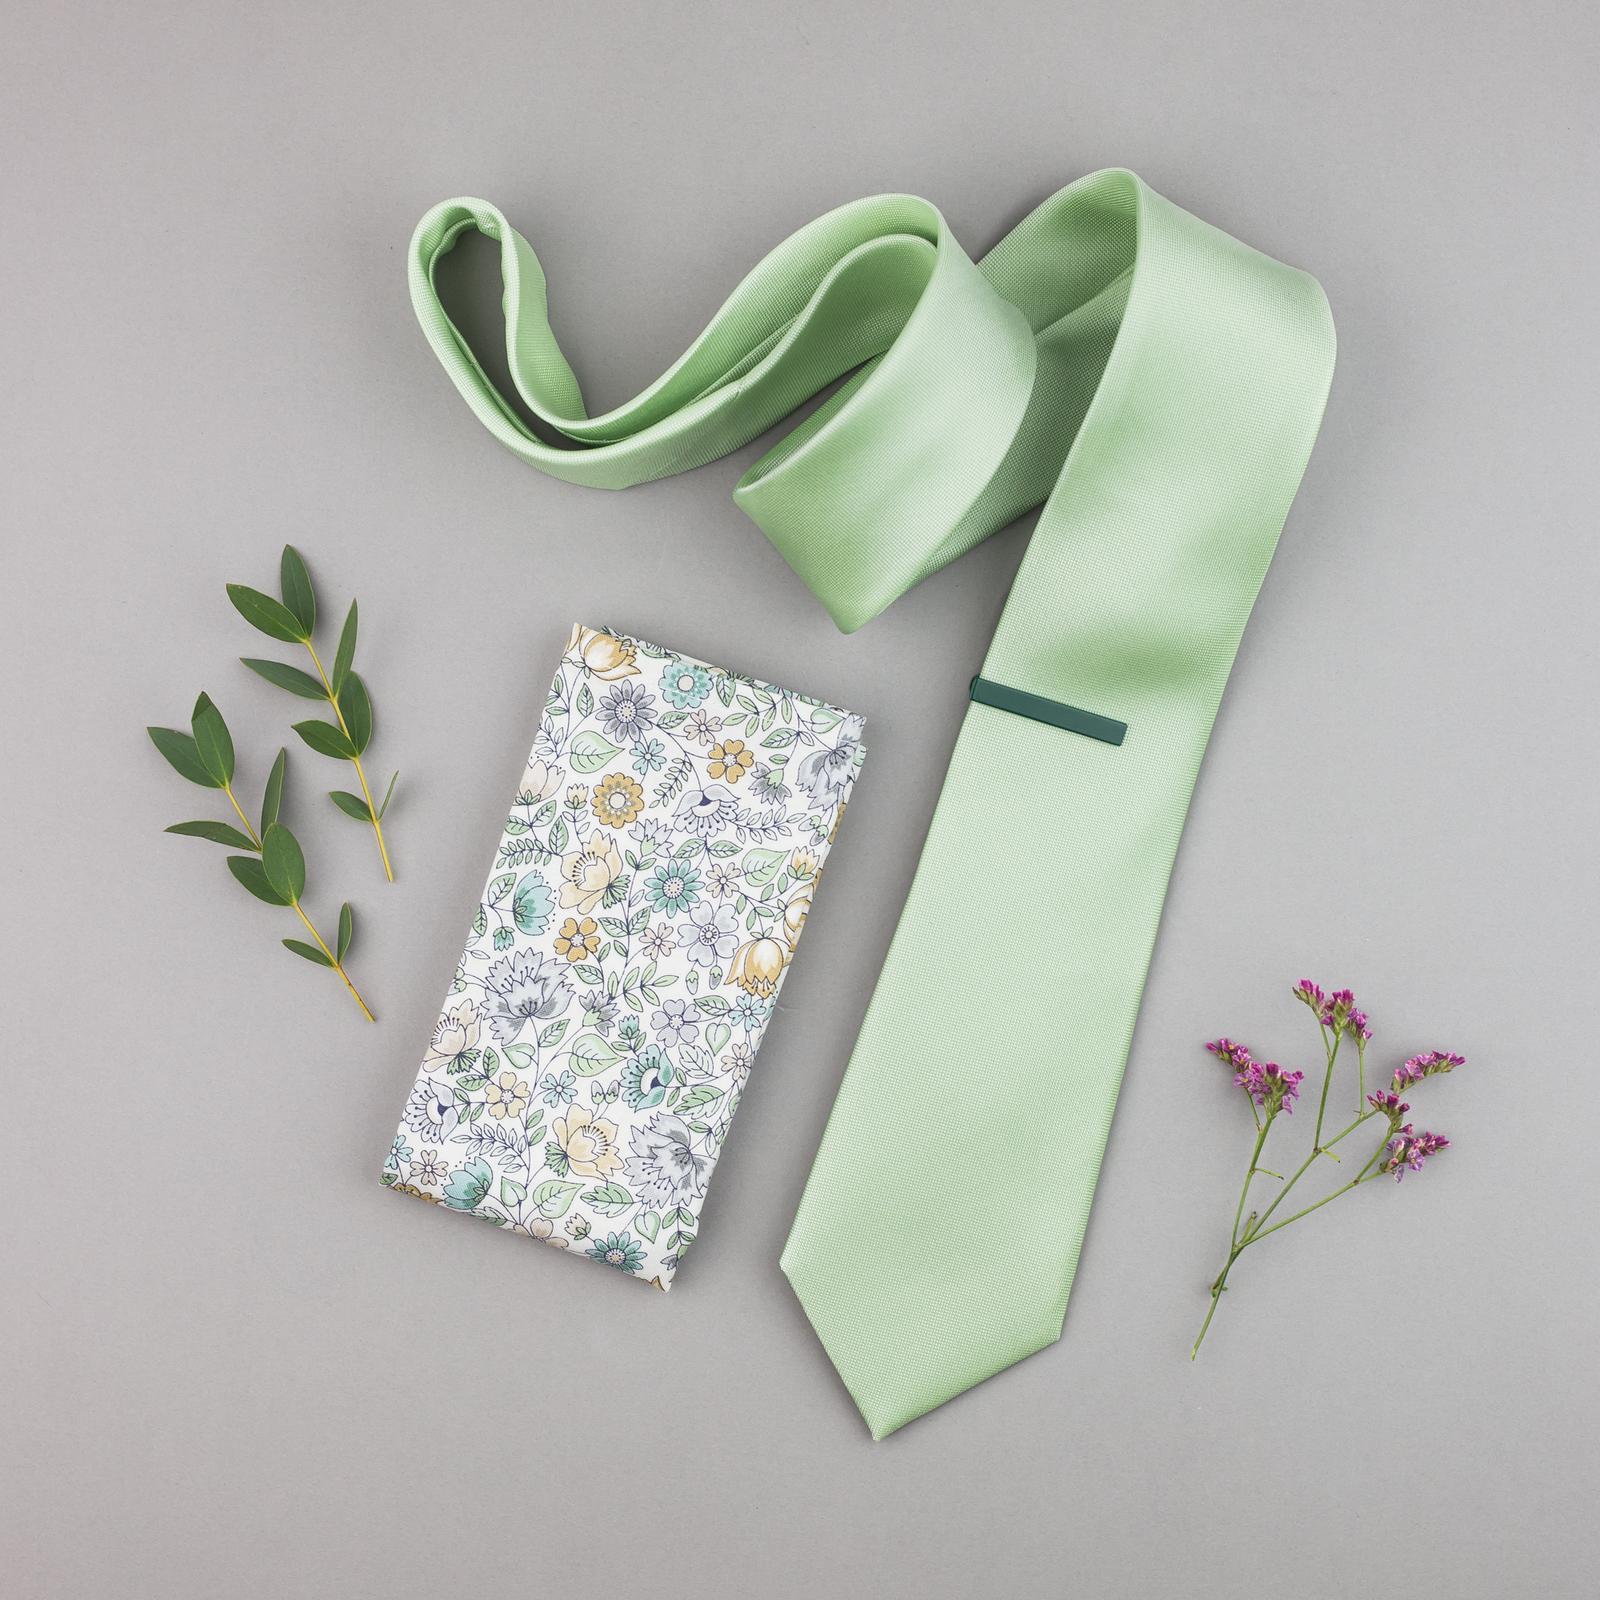 Jak kombinovat kravatu a kapesník do saka - Obrázek č. 8